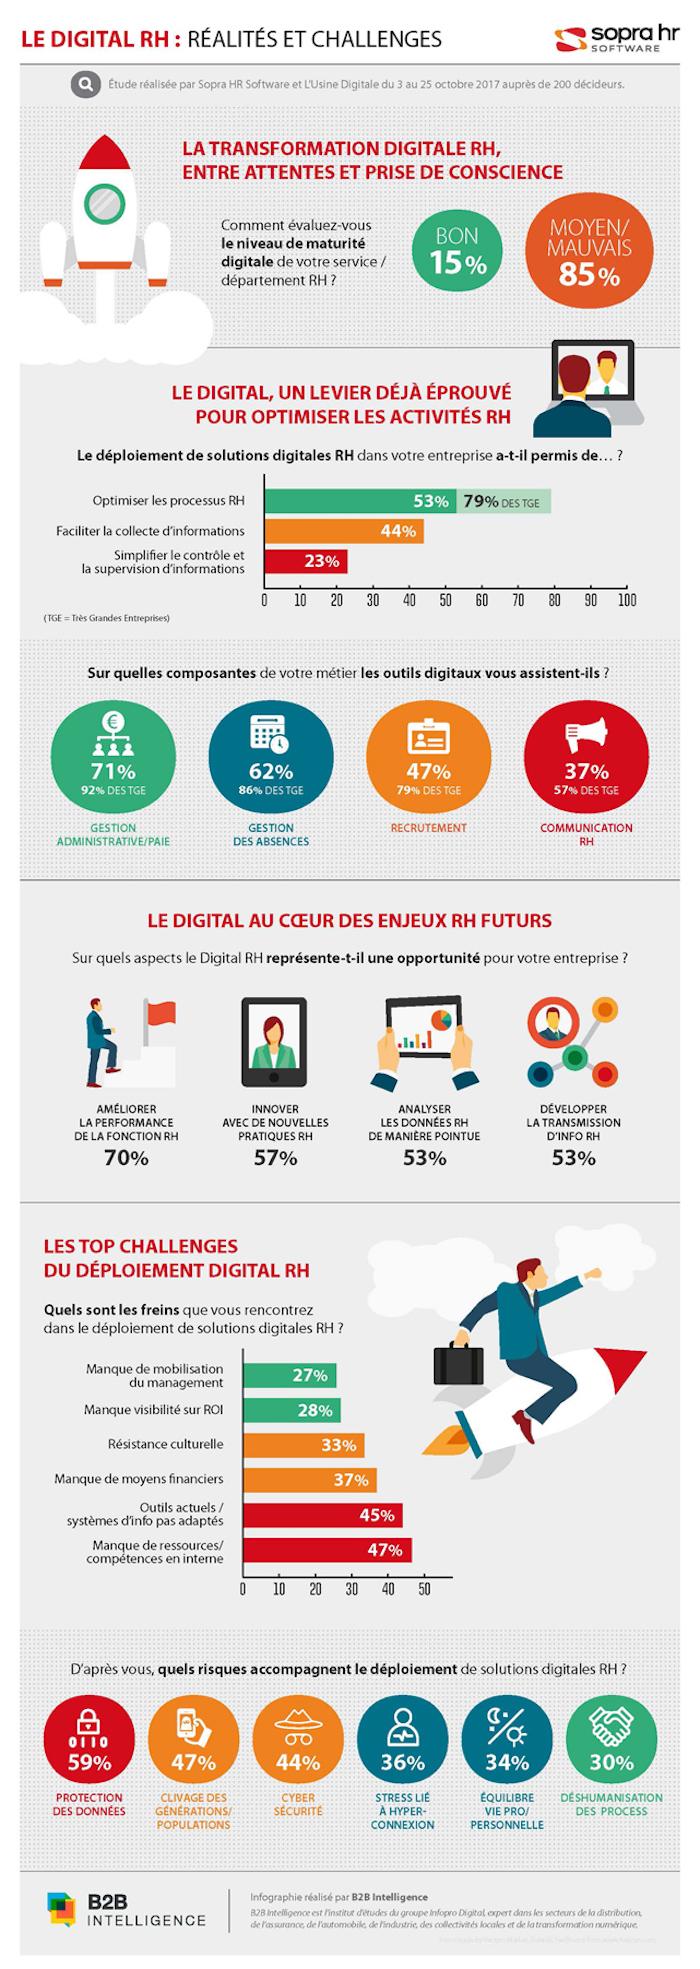 infographie-protection-des-données-risque-n-1-de-la-digitalisation-des-RH